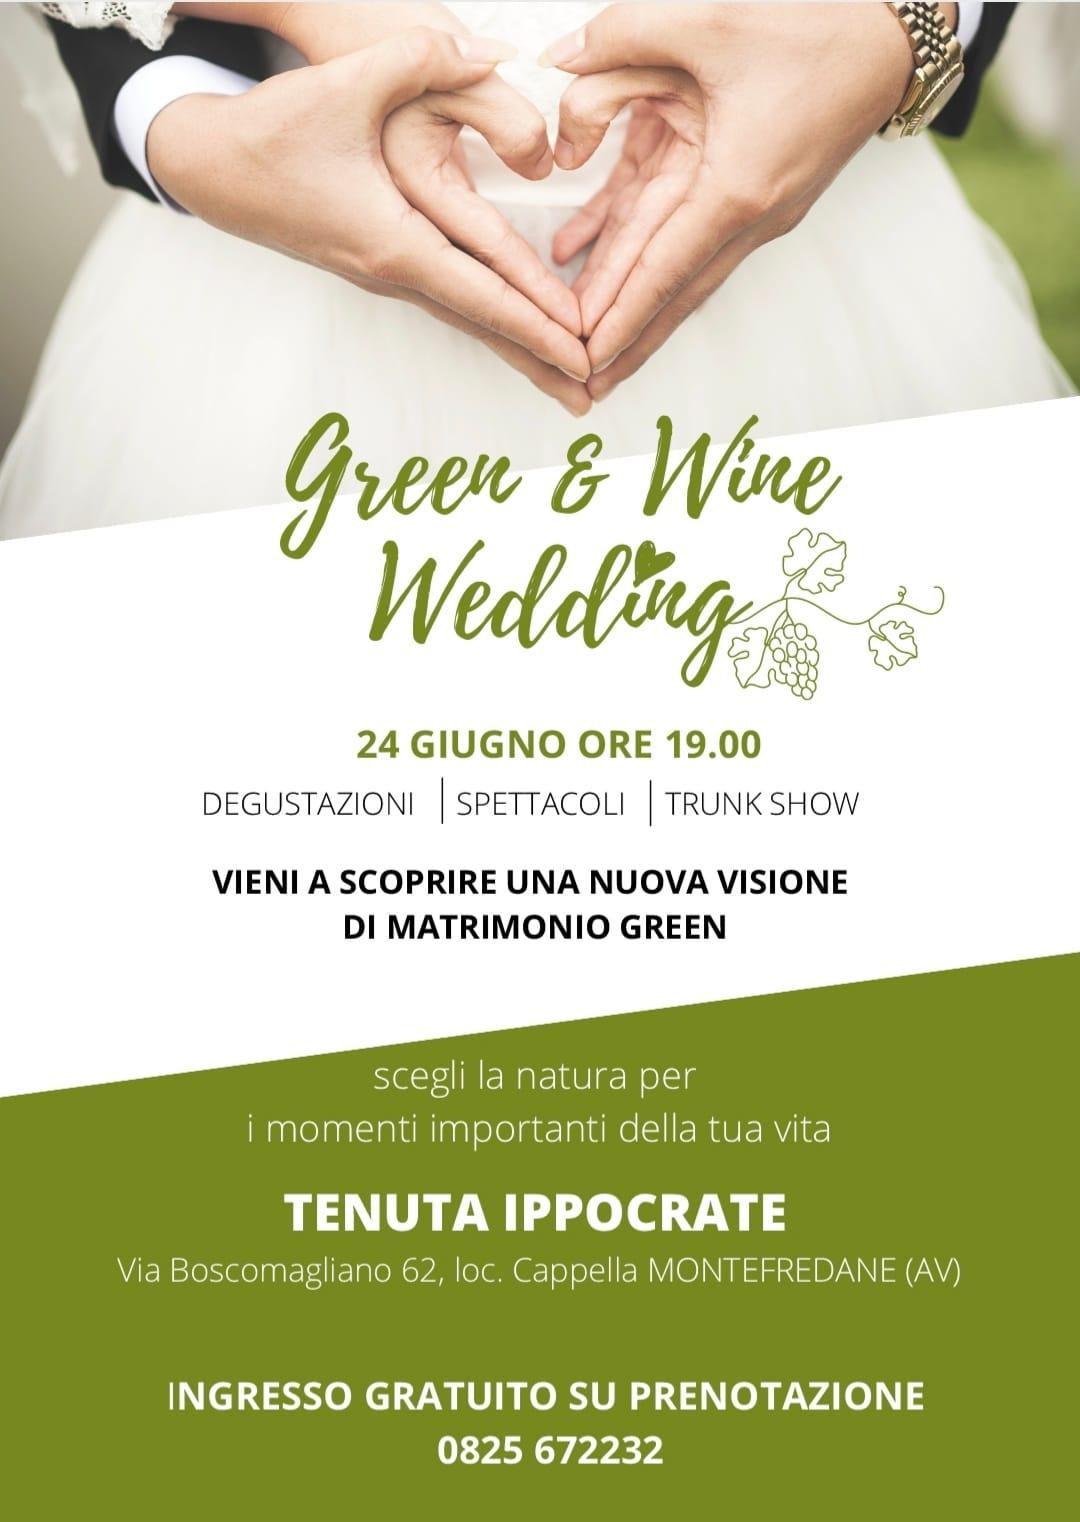 Green e Wine Wedding: l'Open Day di Tenuta Ippocrate, tenuta ippocrate, green e wine wedding, tenuta ipocrate agriresort, sposincampania media partner, eventi wedding, wedding campania, matrimoni campania, eventi